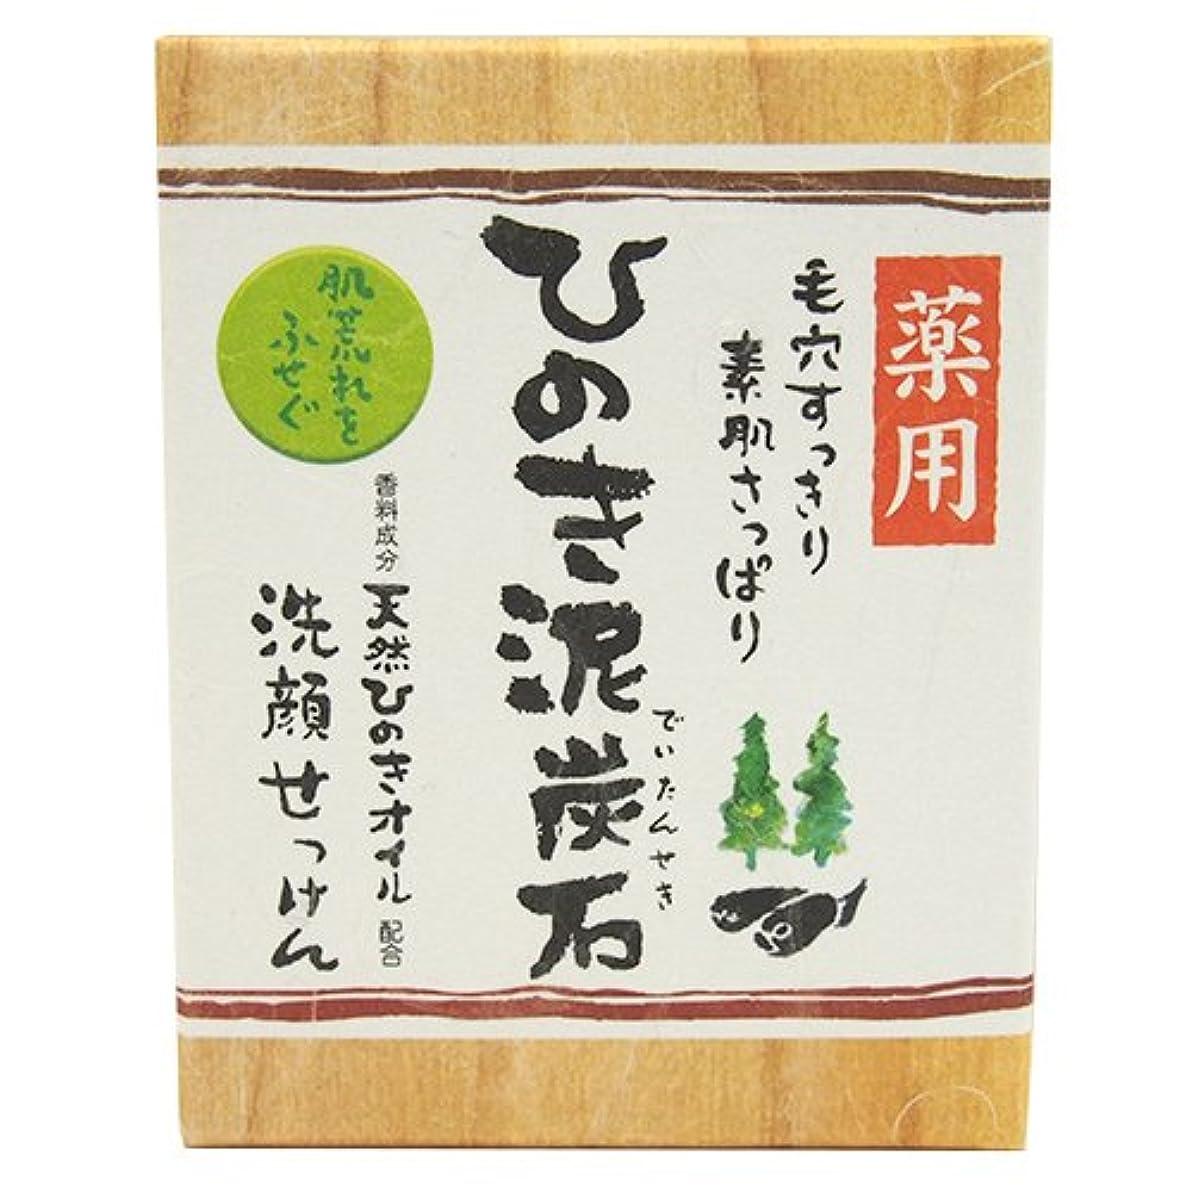 アーティキュレーションオーバーフロー鉱夫東京宝 薬用ひのき泥炭石 すっきり黒タイプ 洗顔石鹸 75g